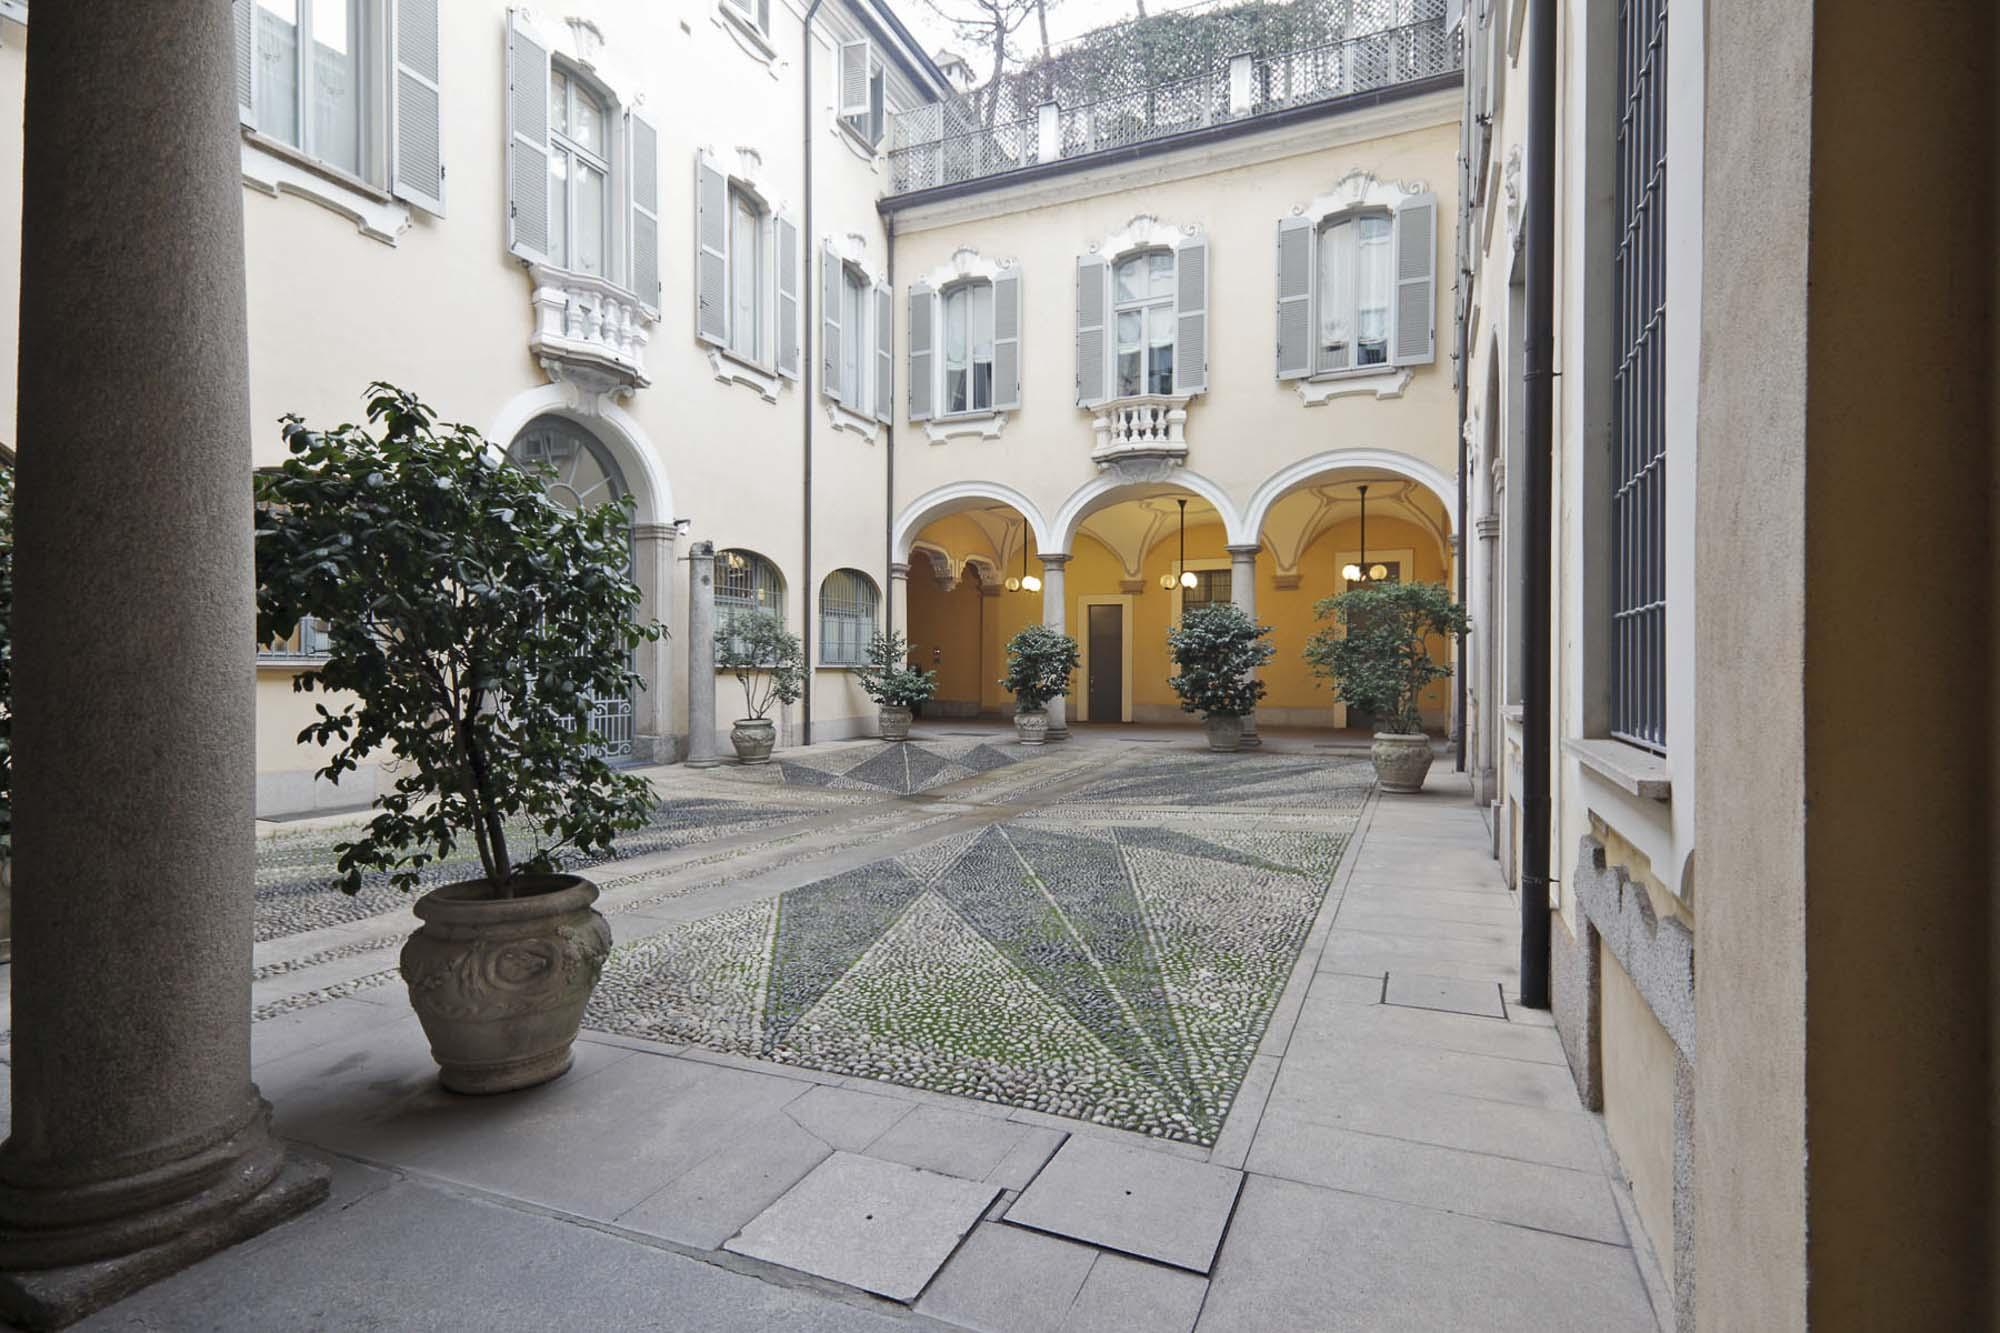 Agenzie immobiliari di lusso a milano moro real estate - Agenzie immobiliari terlizzi ...